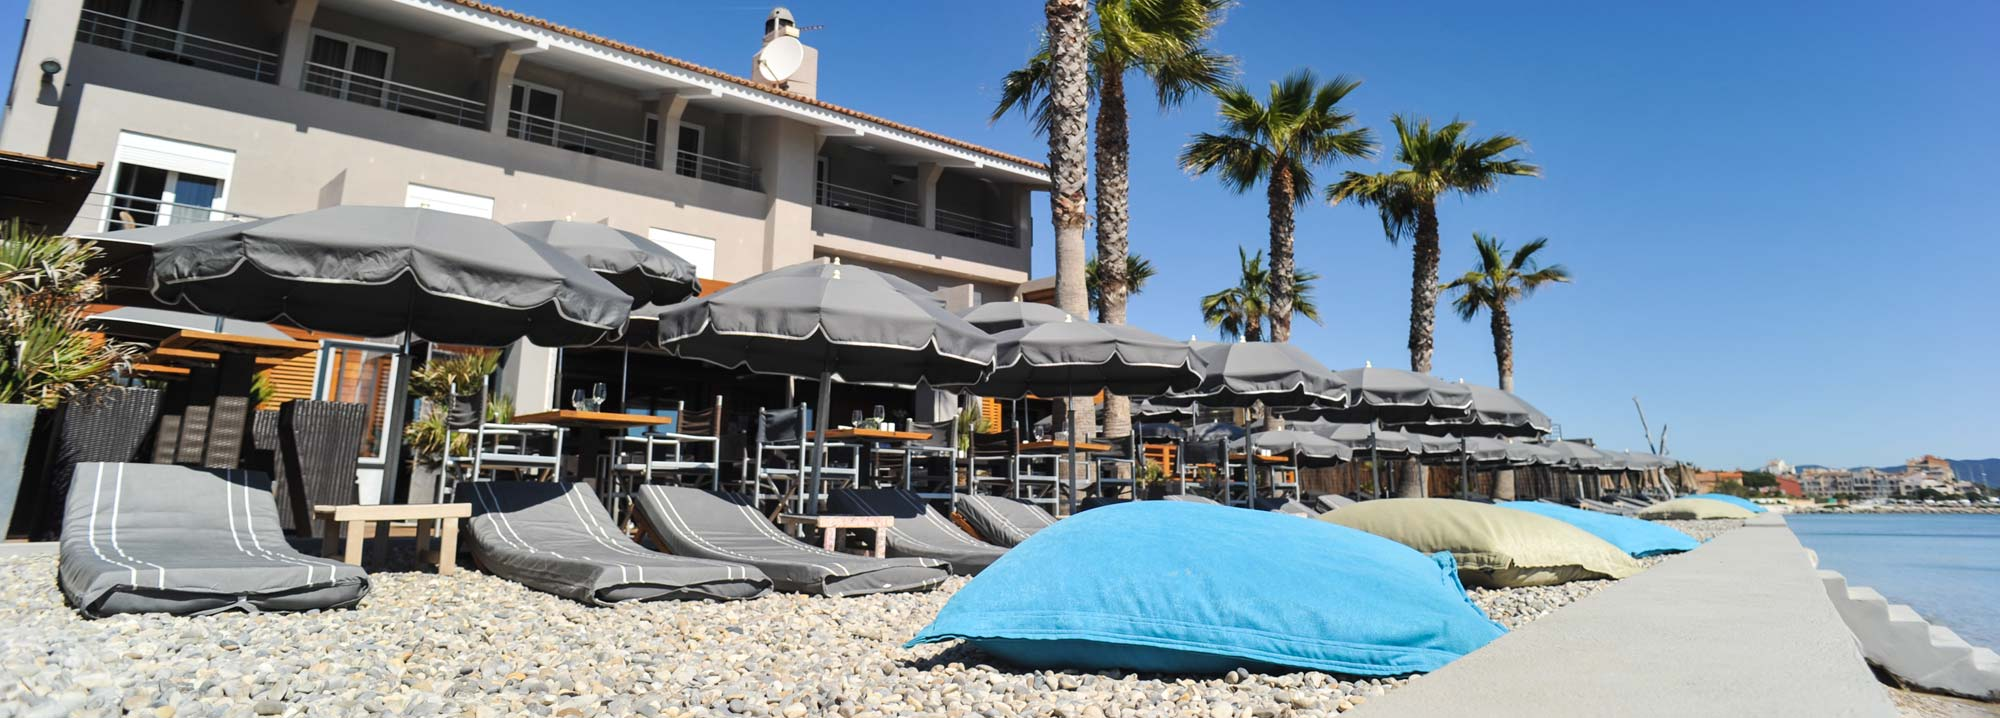 Restaurant plage des pesquiers hy res le midi - Restaurant le marais hyeres ...